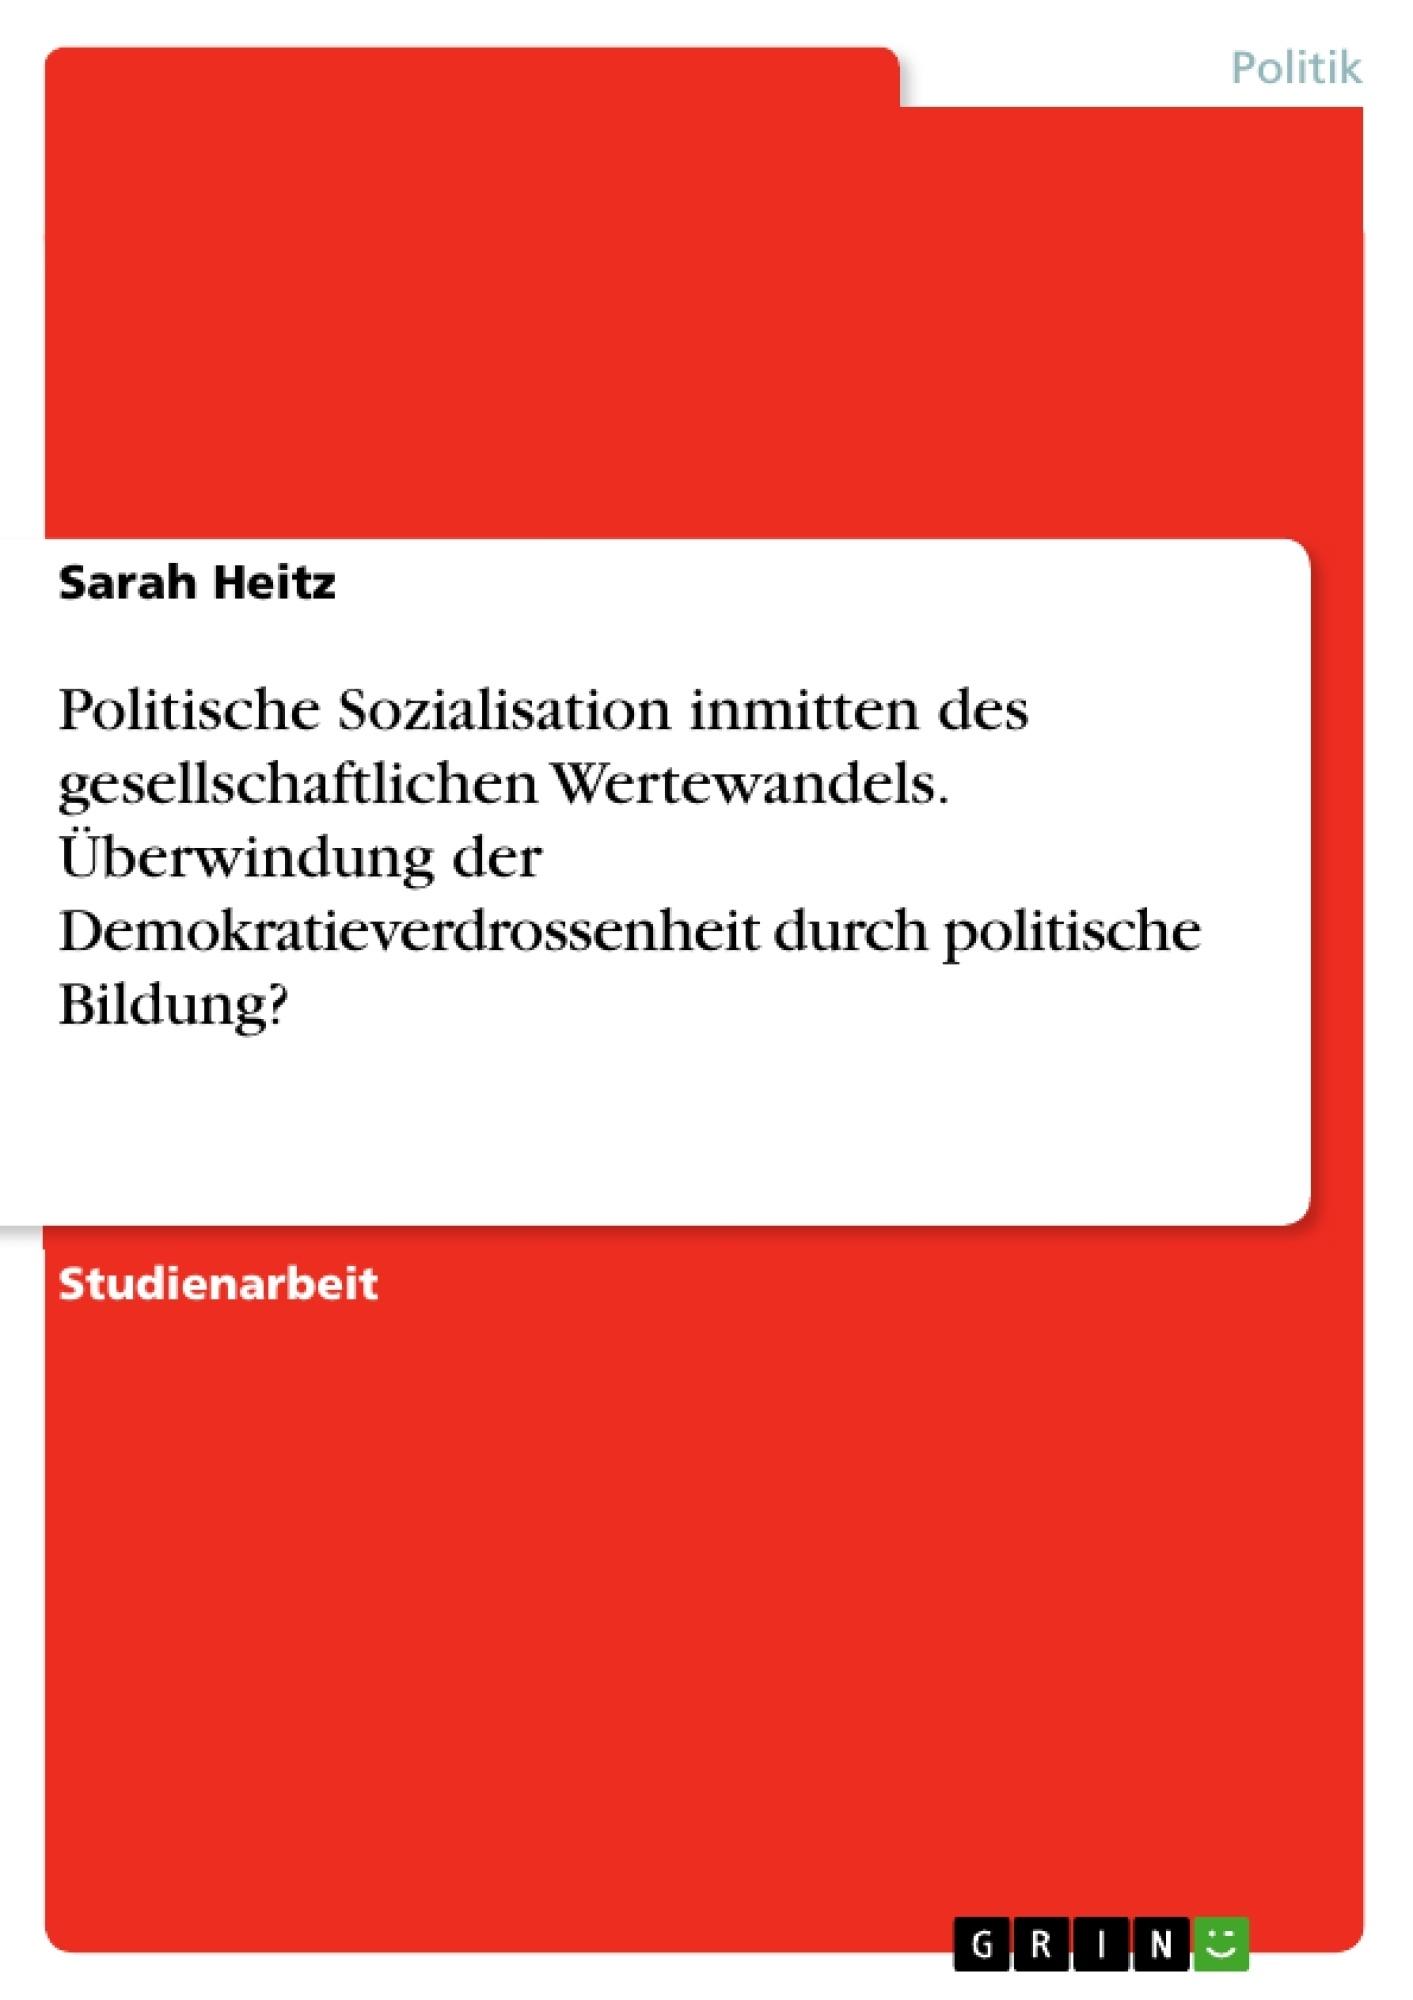 Titel: Politische Sozialisation inmitten des gesellschaftlichen Wertewandels. Überwindung der Demokratieverdrossenheit durch politische Bildung?